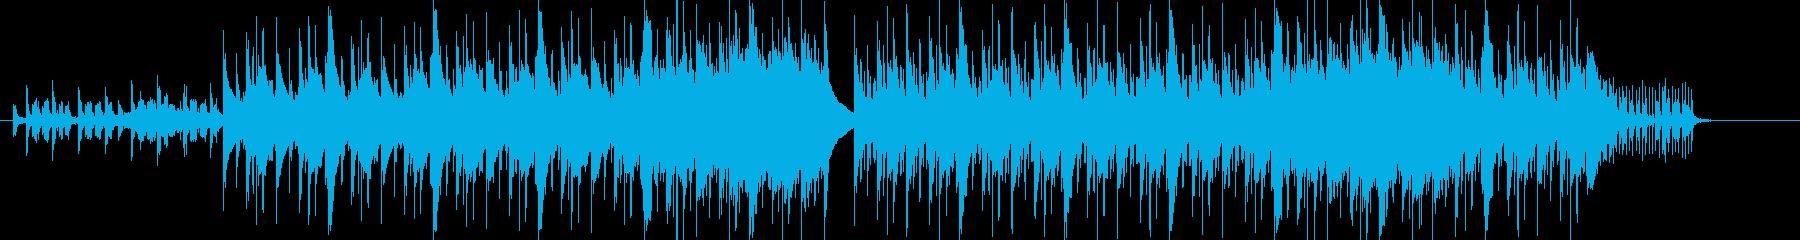 ダークなトラップミュージックの再生済みの波形